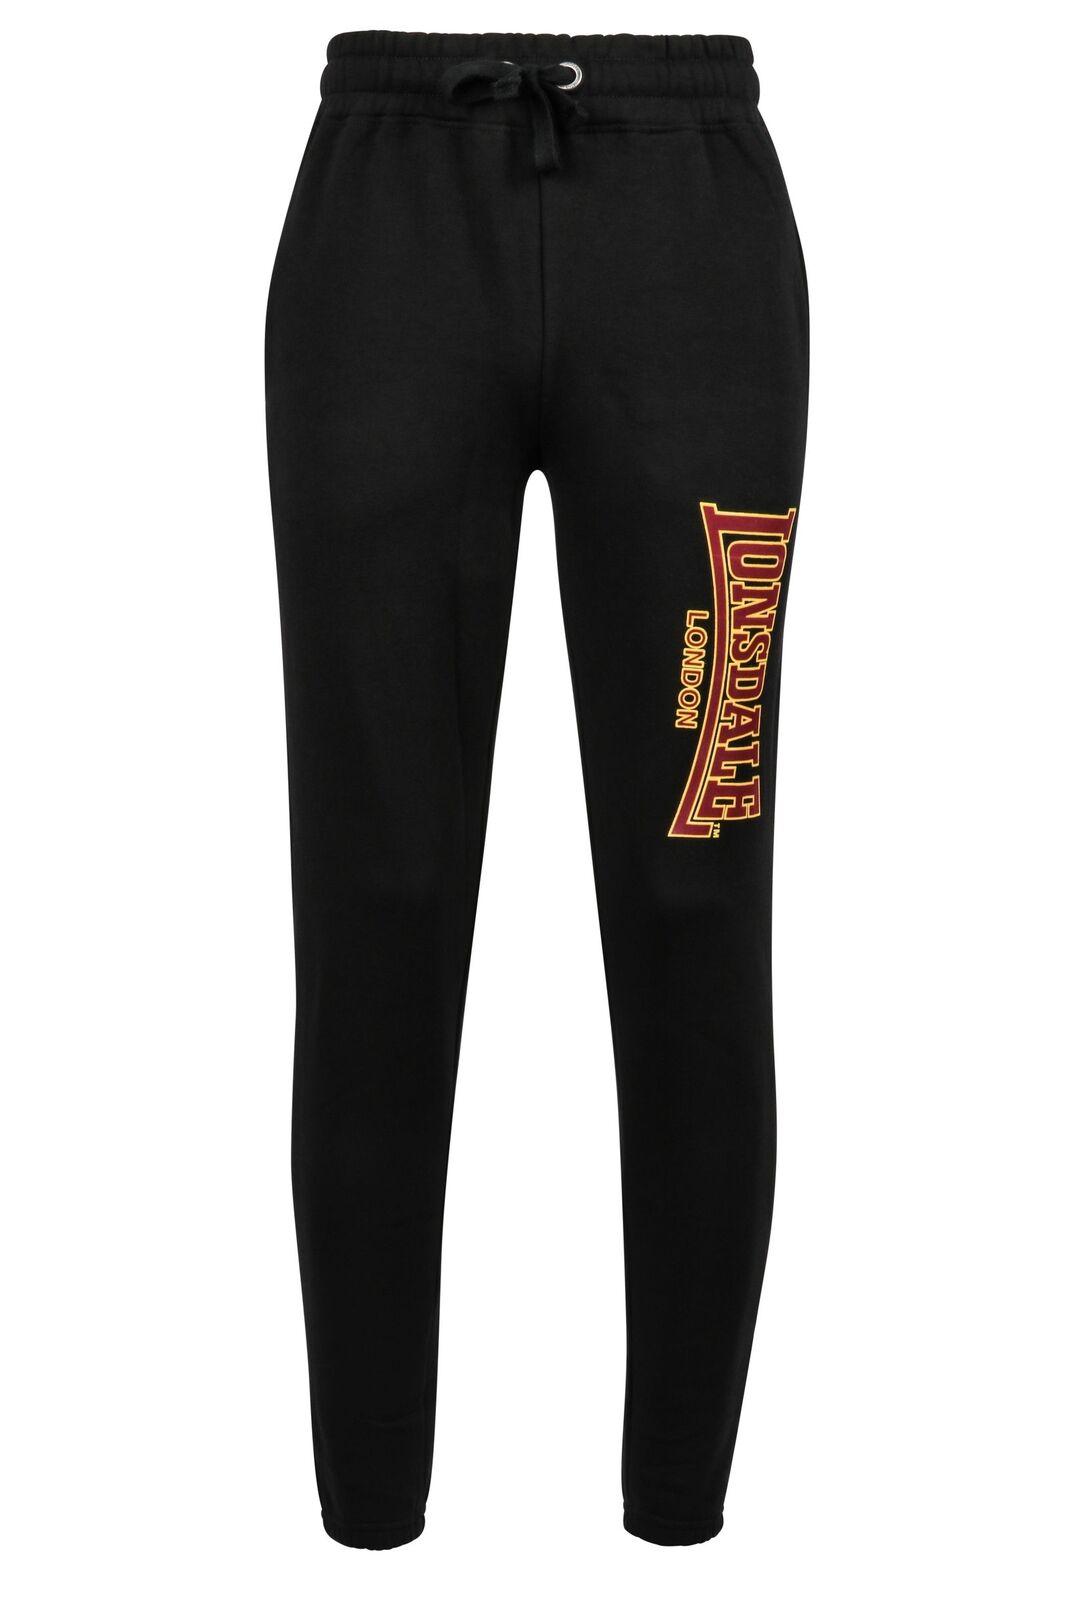 Lonsdale Men's Sweatpants Goole Jogging Pants Freizithose S M L XL XXL 3XL